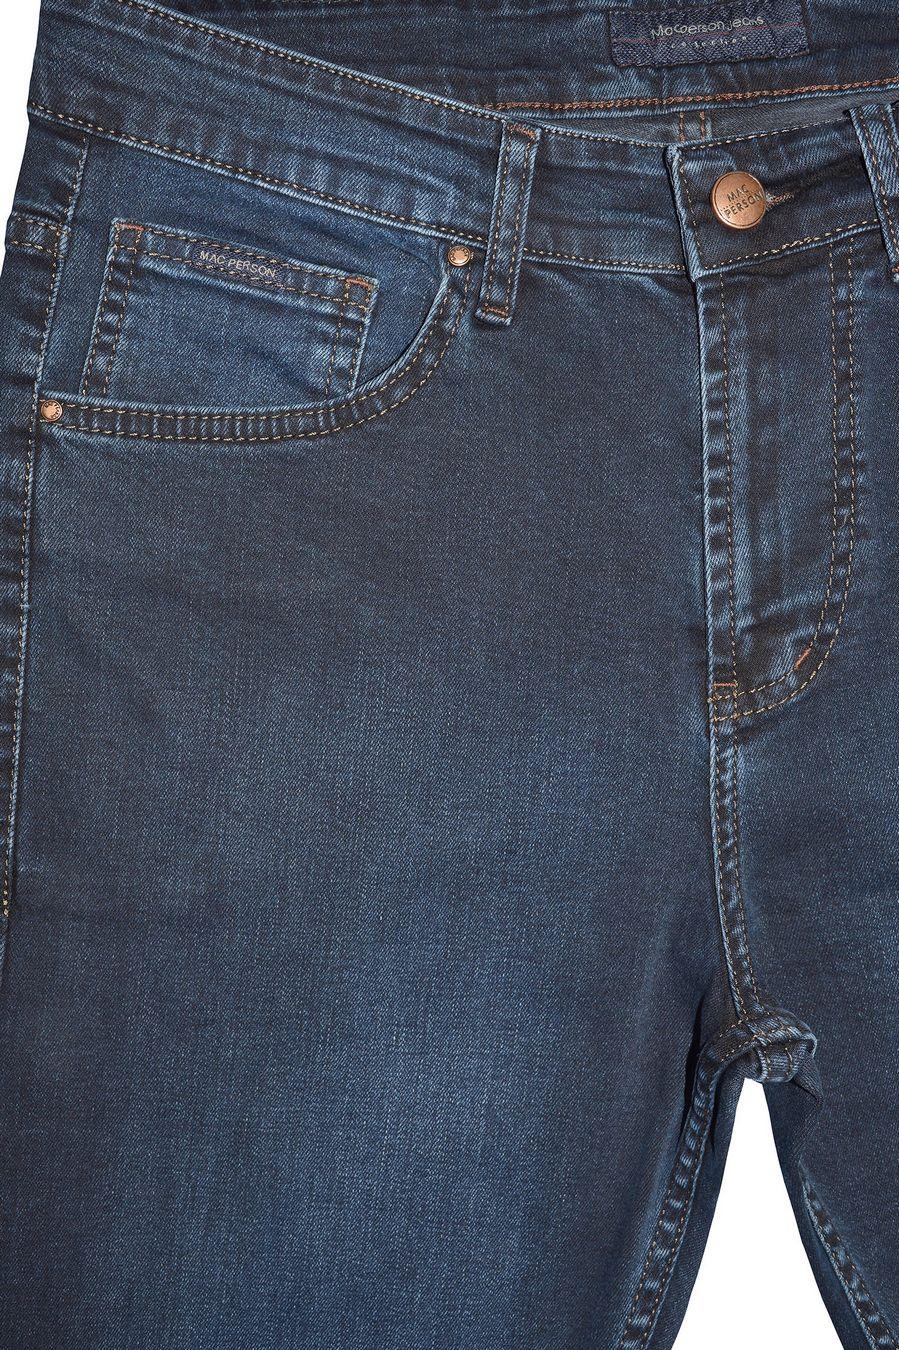 Джинсы мужские MAC Person 2898-12378 Blue Black L34 - фото 3